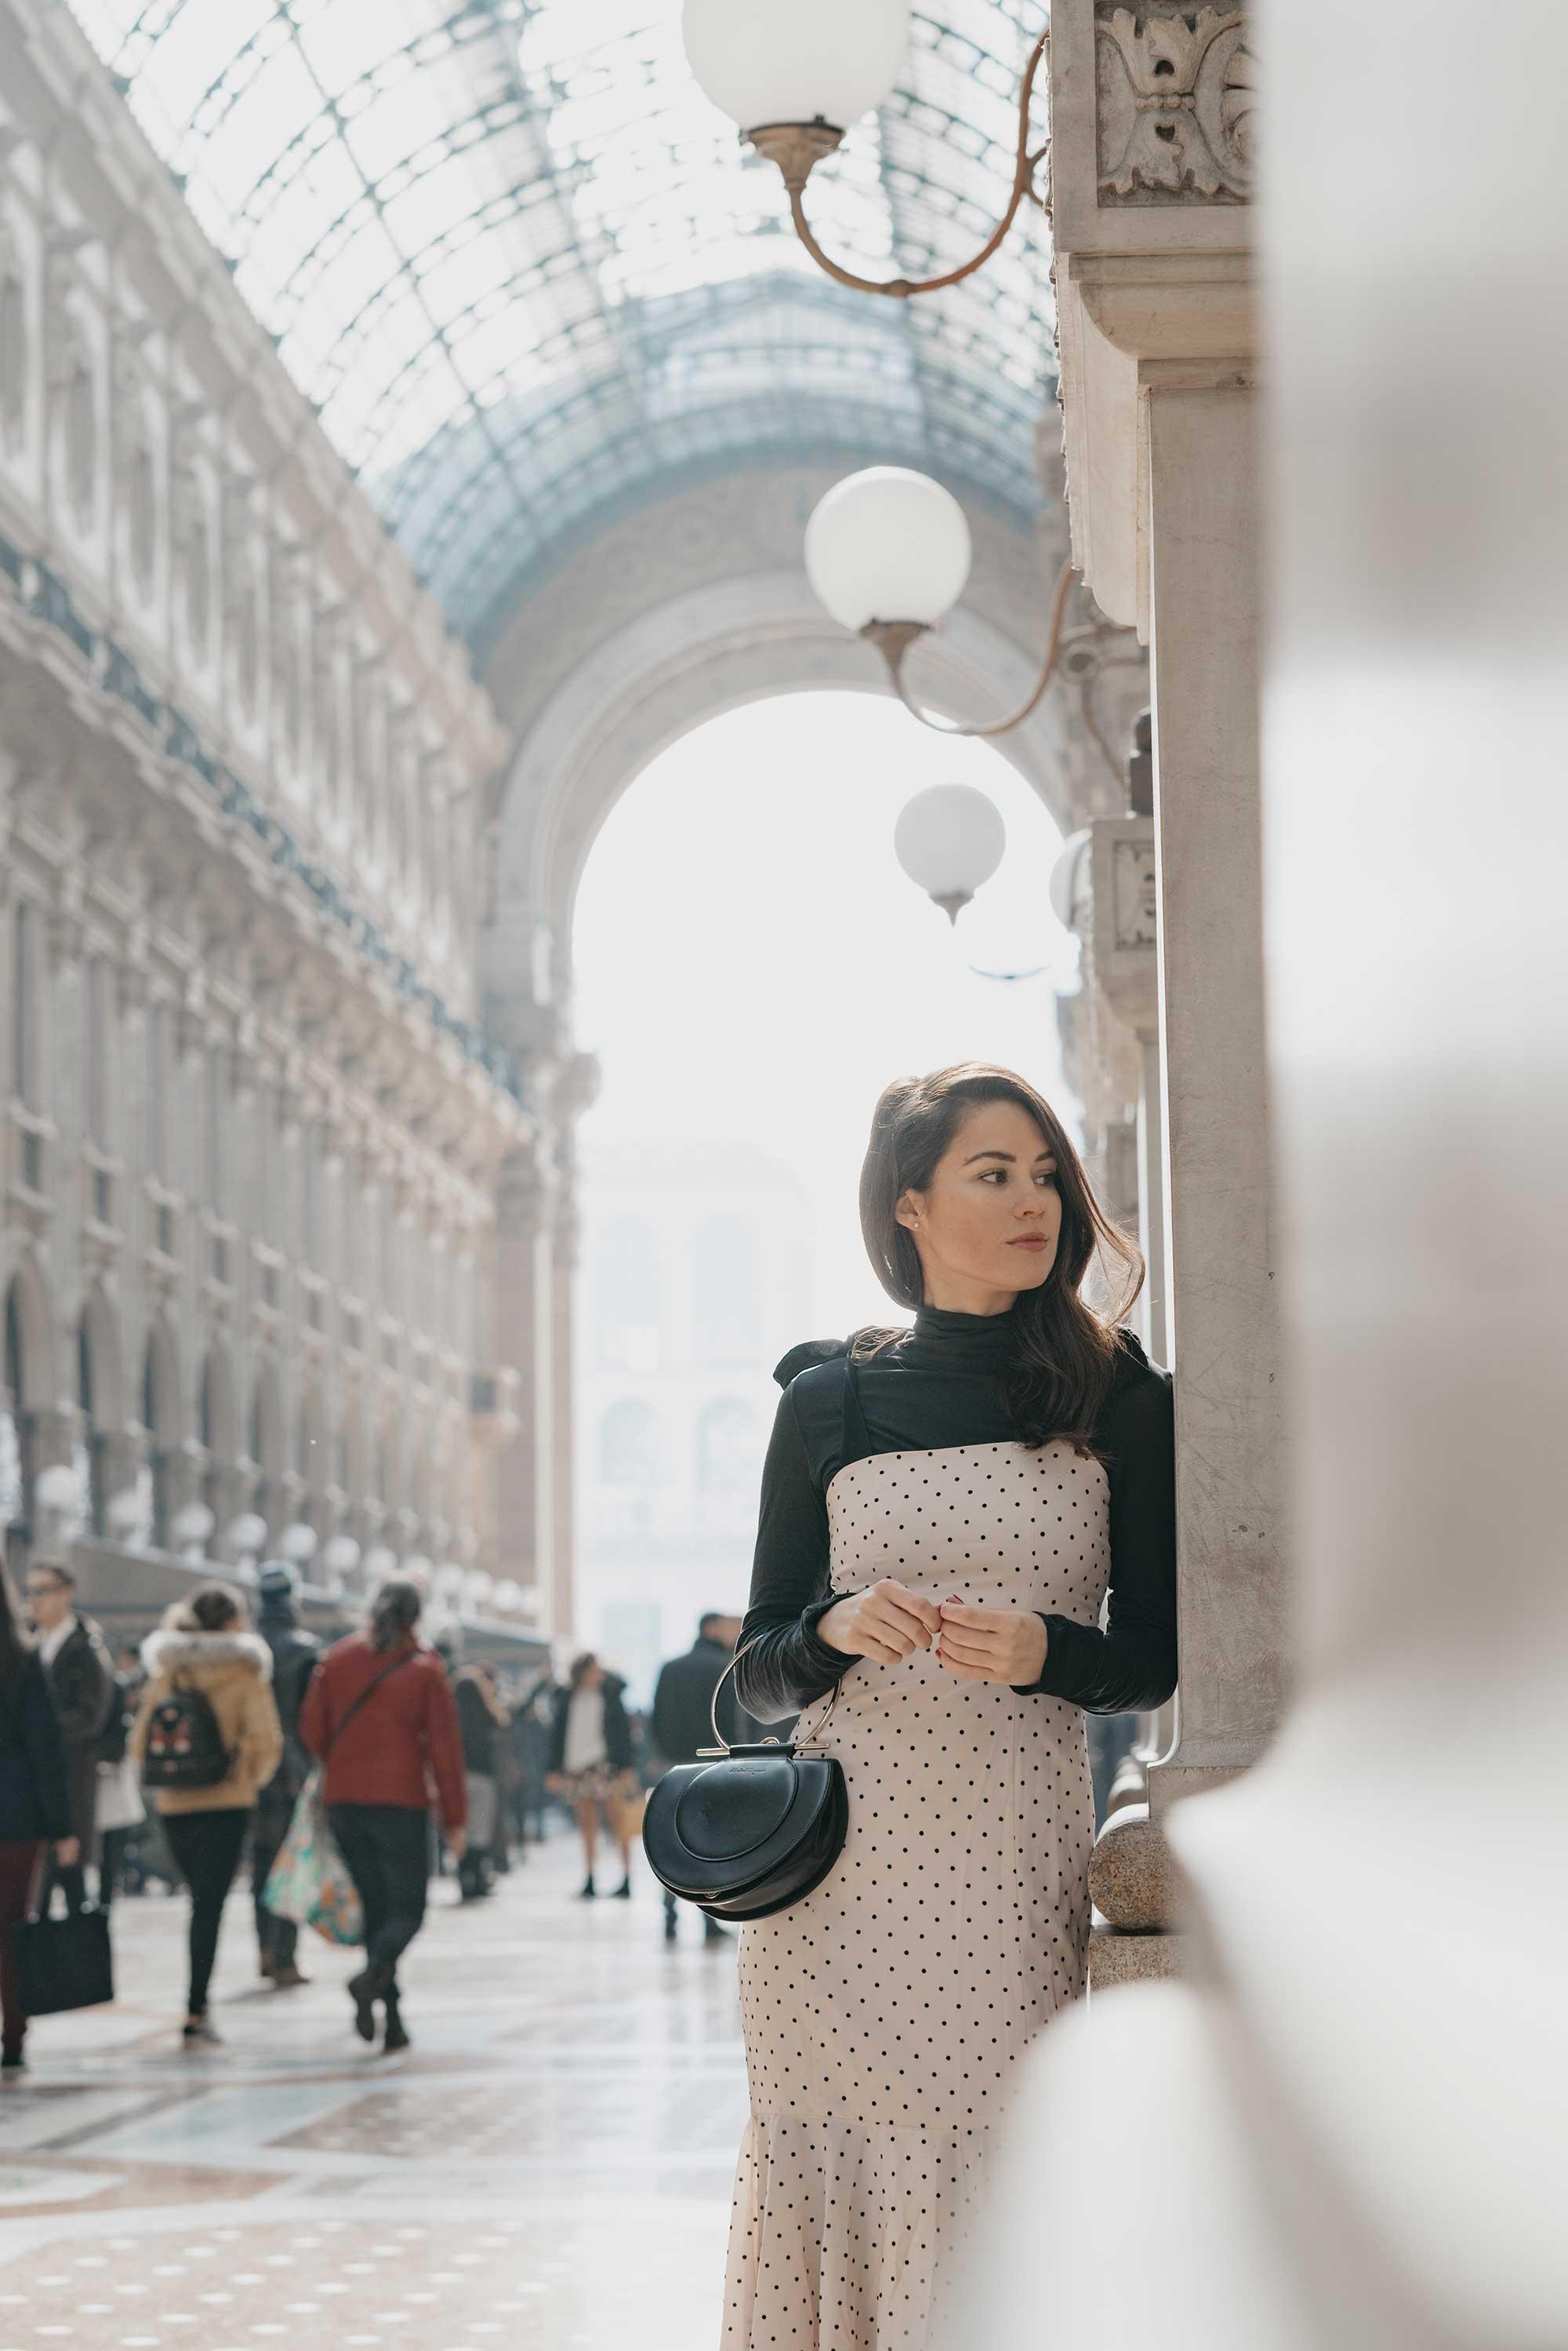 Revolve Mia Midi Polka Dot Dress in Ivory & Black Milan Outfit16.jpg